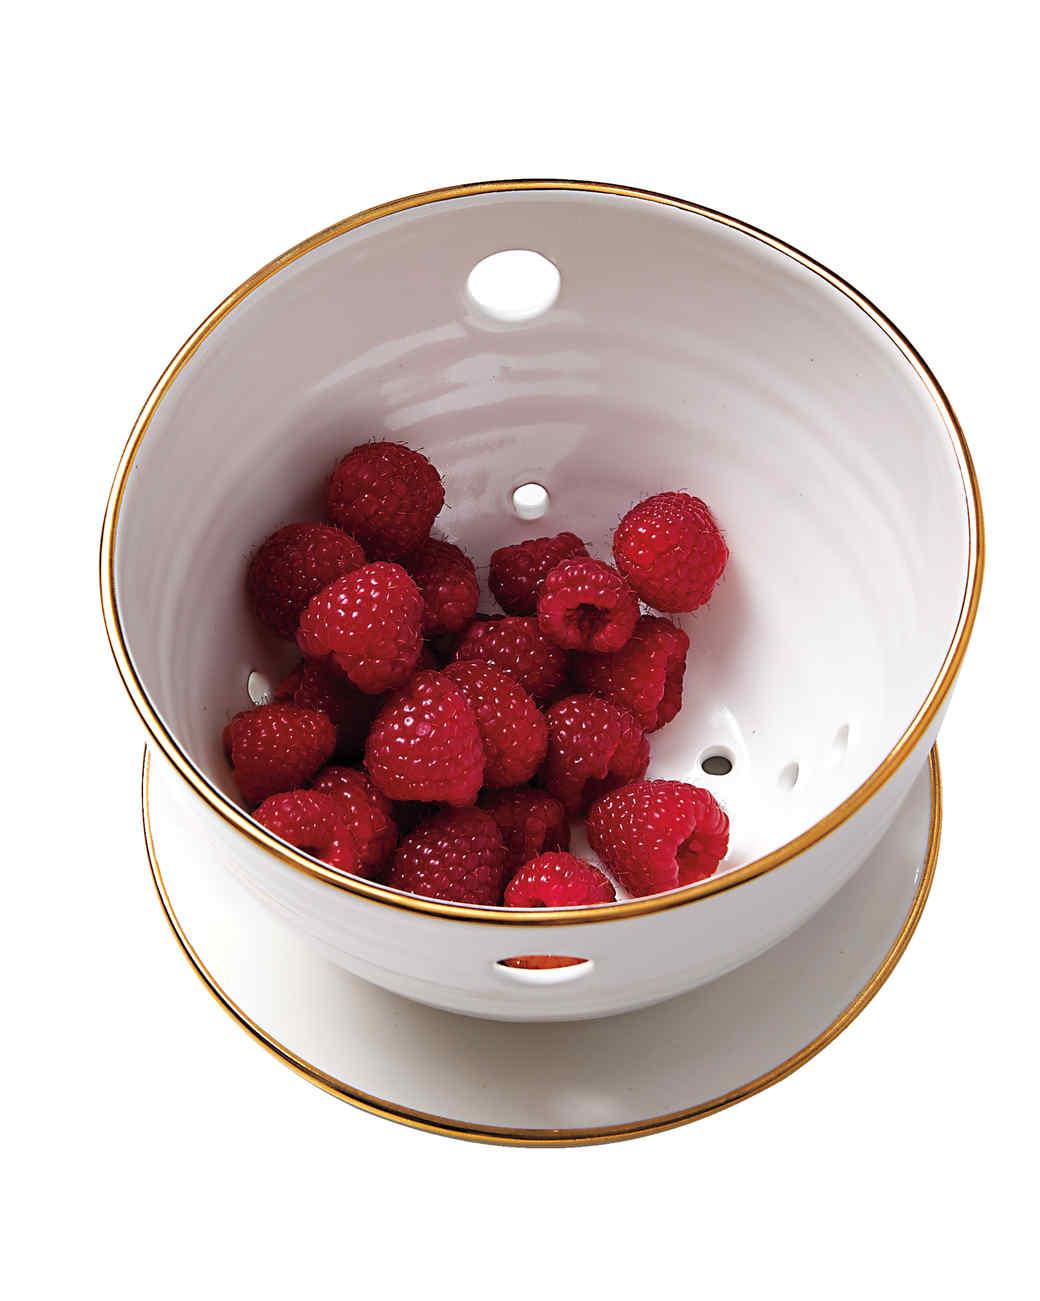 berry-bowl-berries-02-d112094.jpg